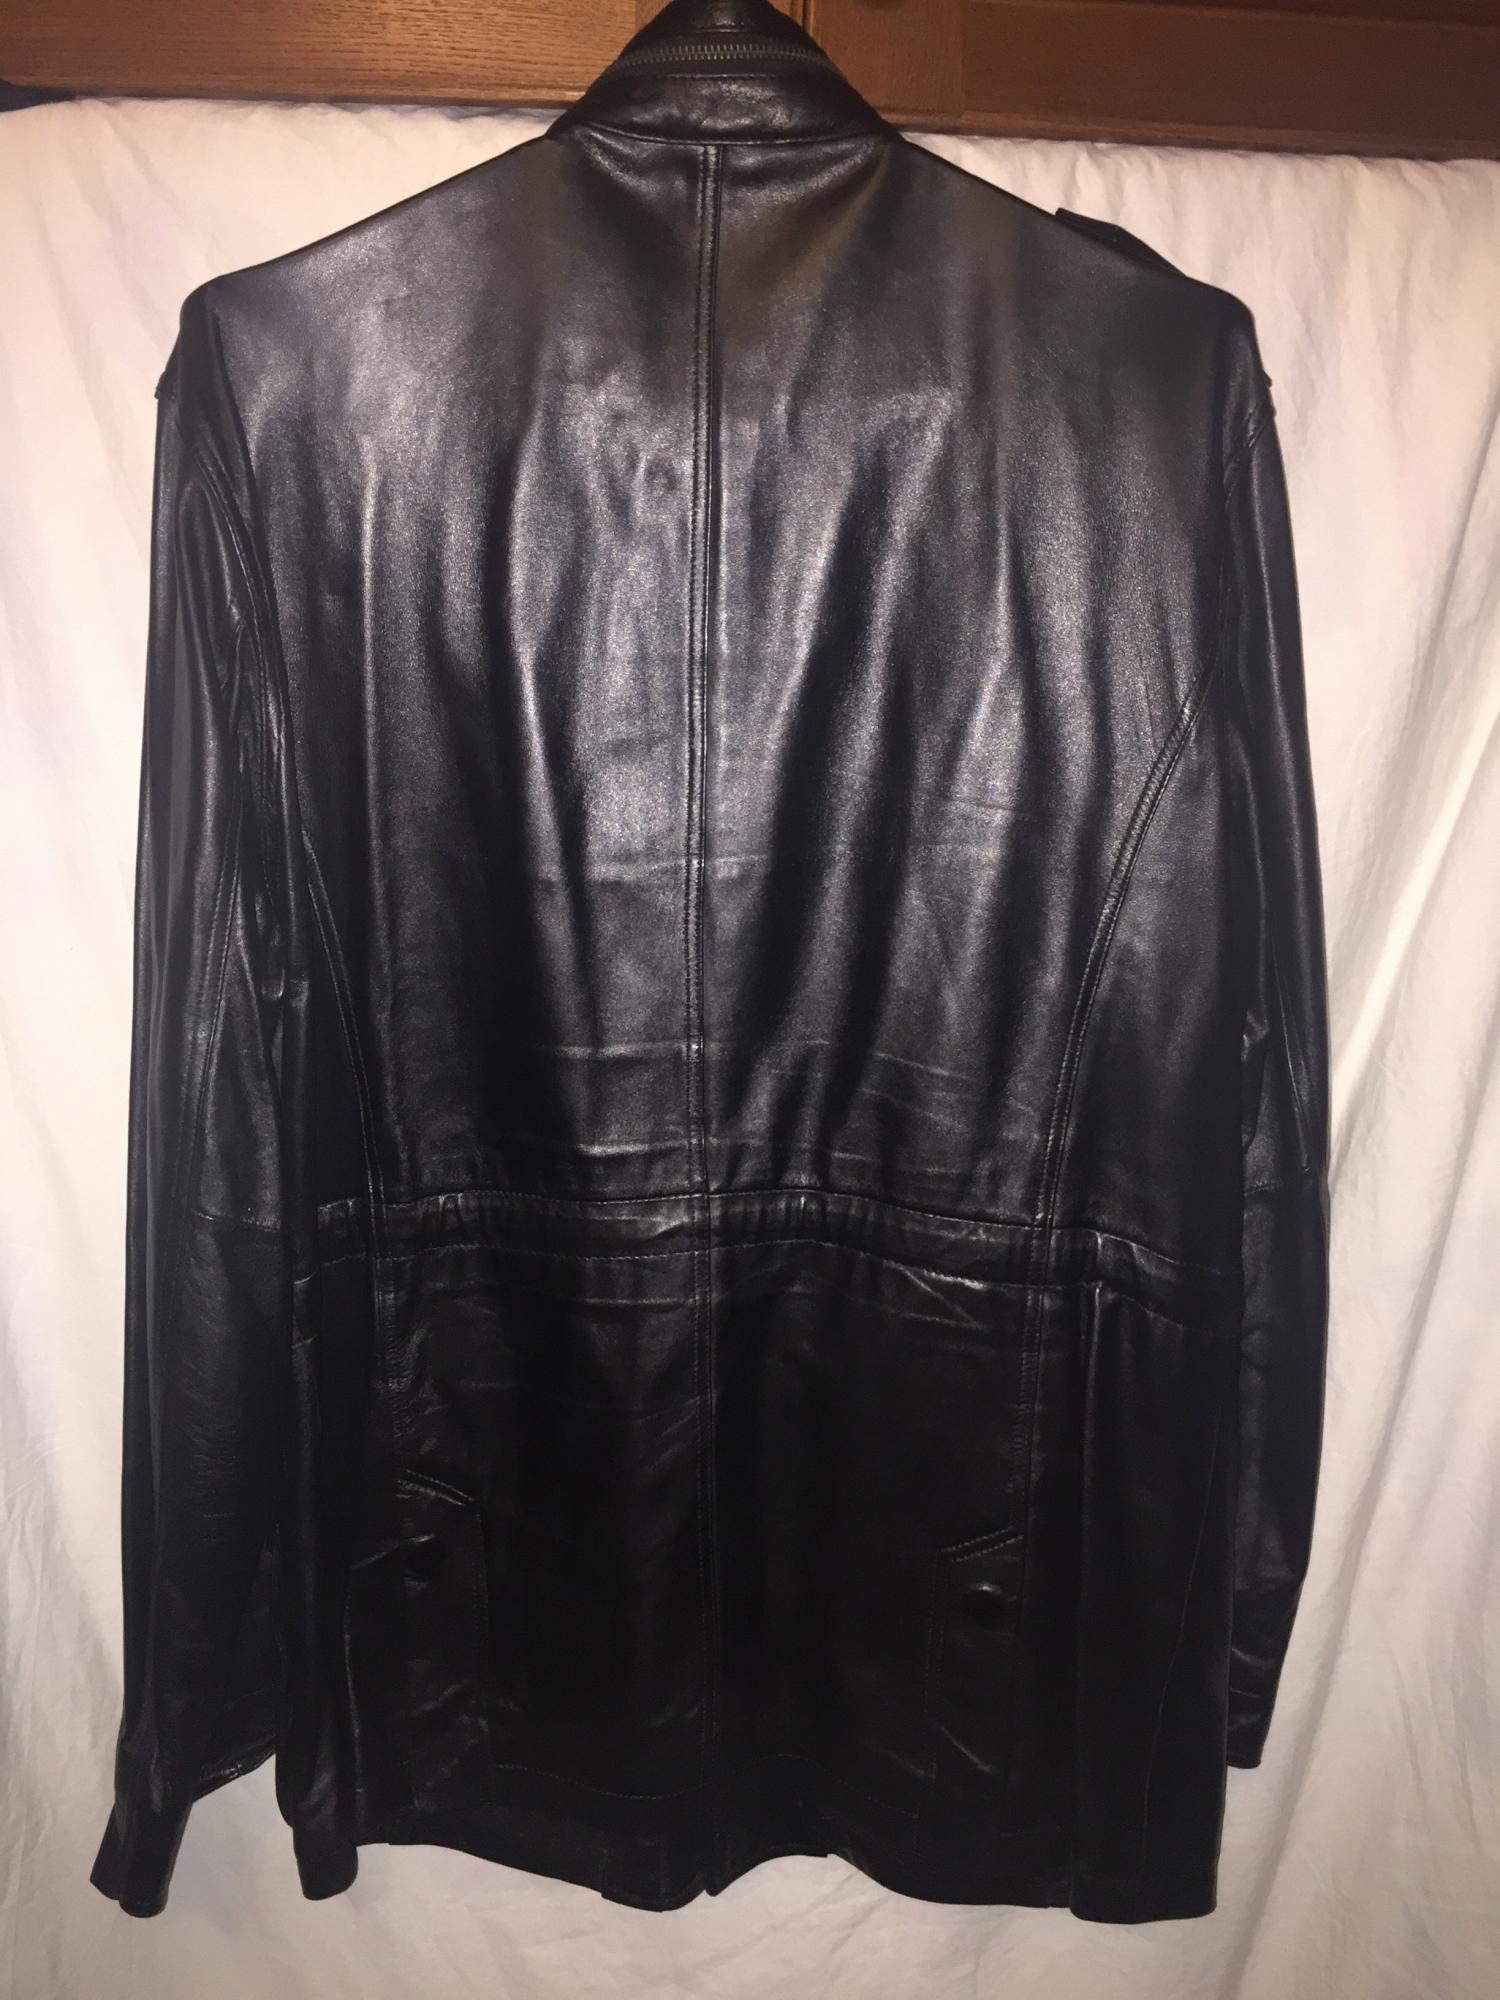 куртка мужская в Зеленограде 89037595587 купить 2